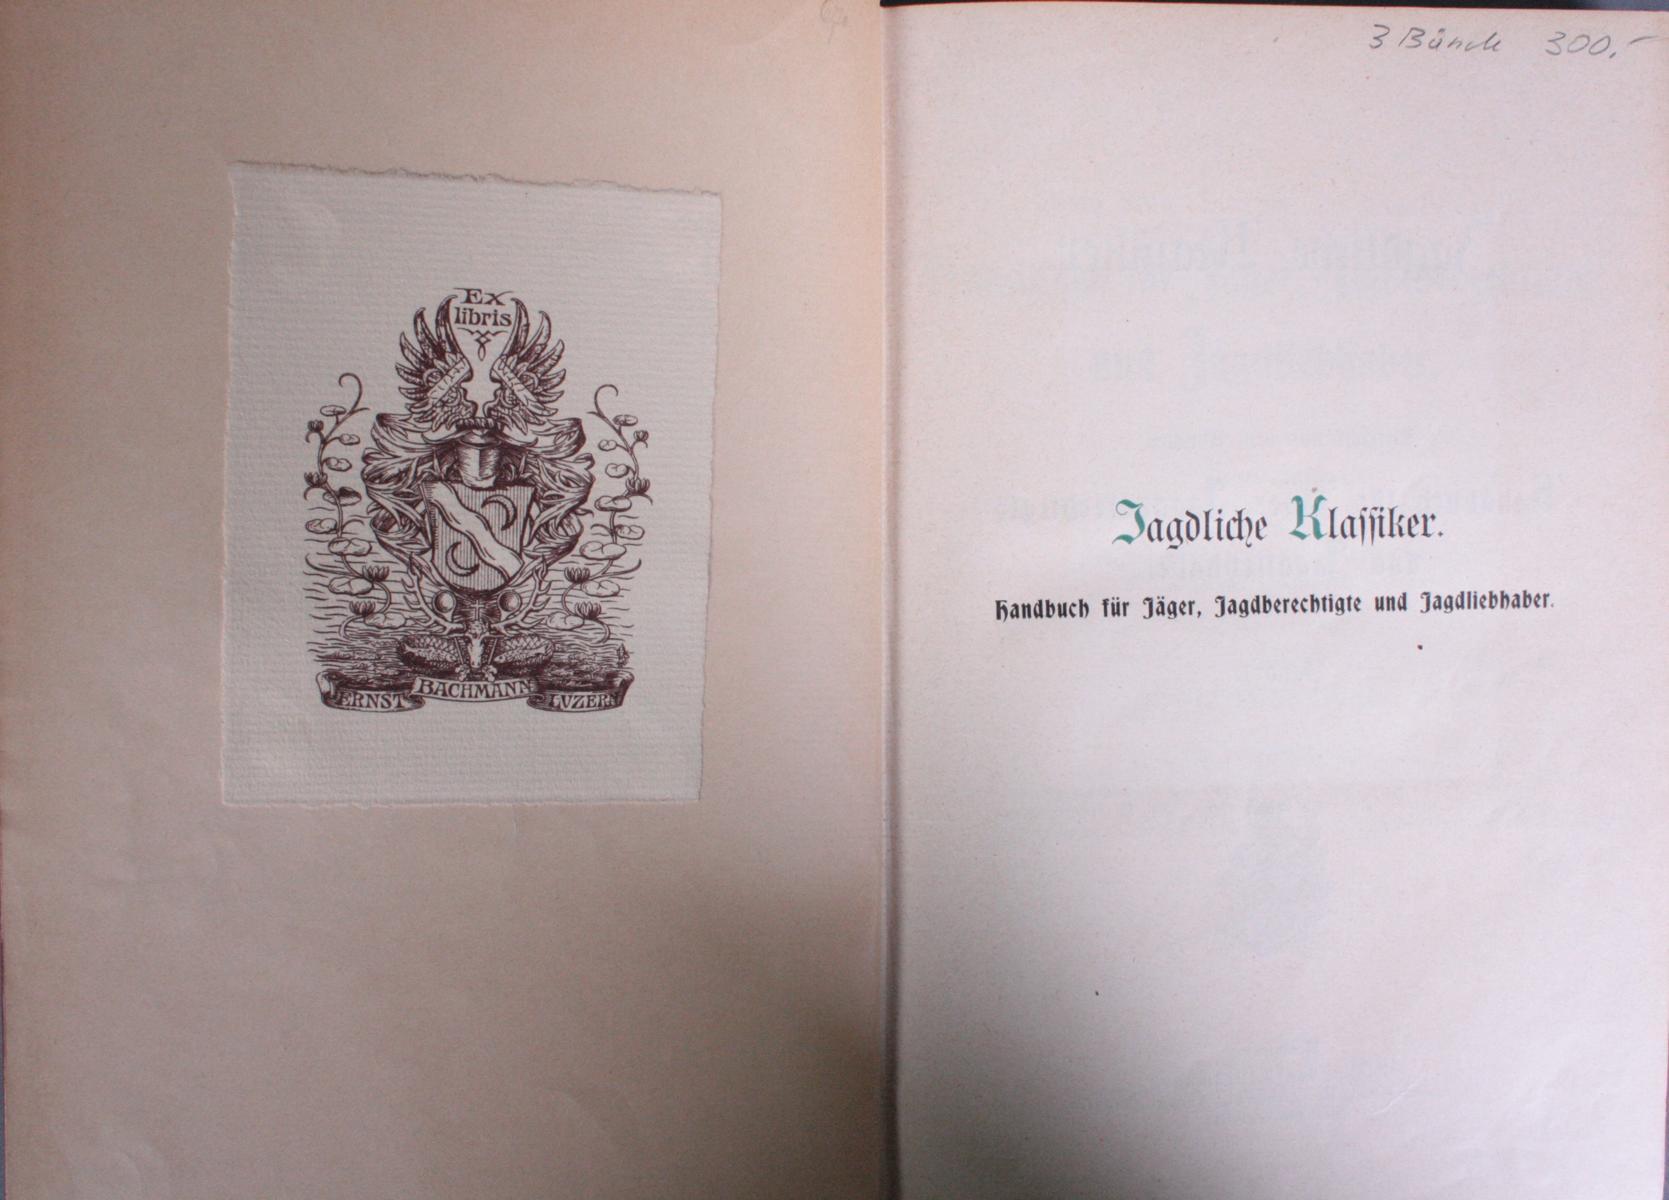 Handbuch für Jäger in Drei Bänden. Dietrichs aus dem Winckell, Band I-III-2